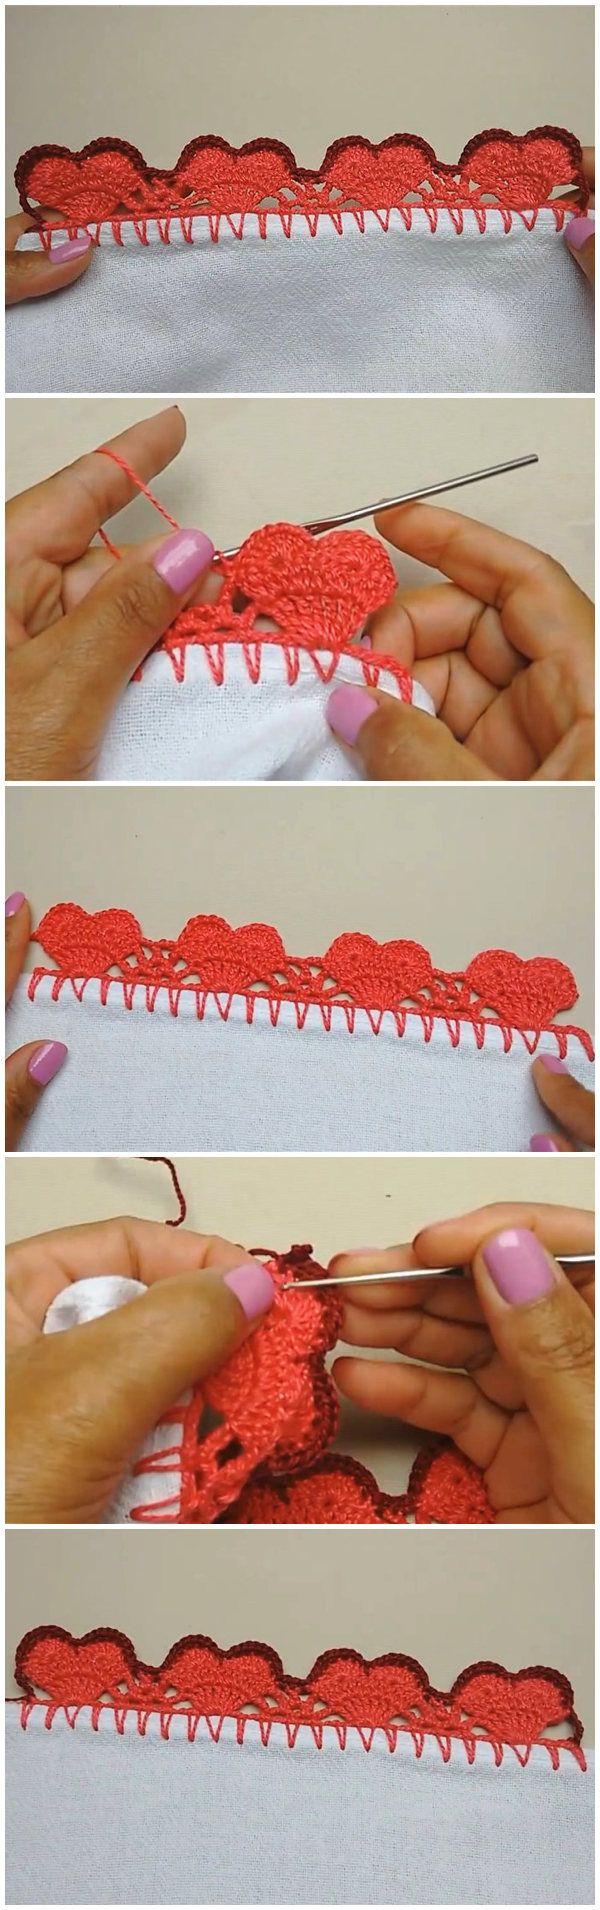 Heart Crochet Edging